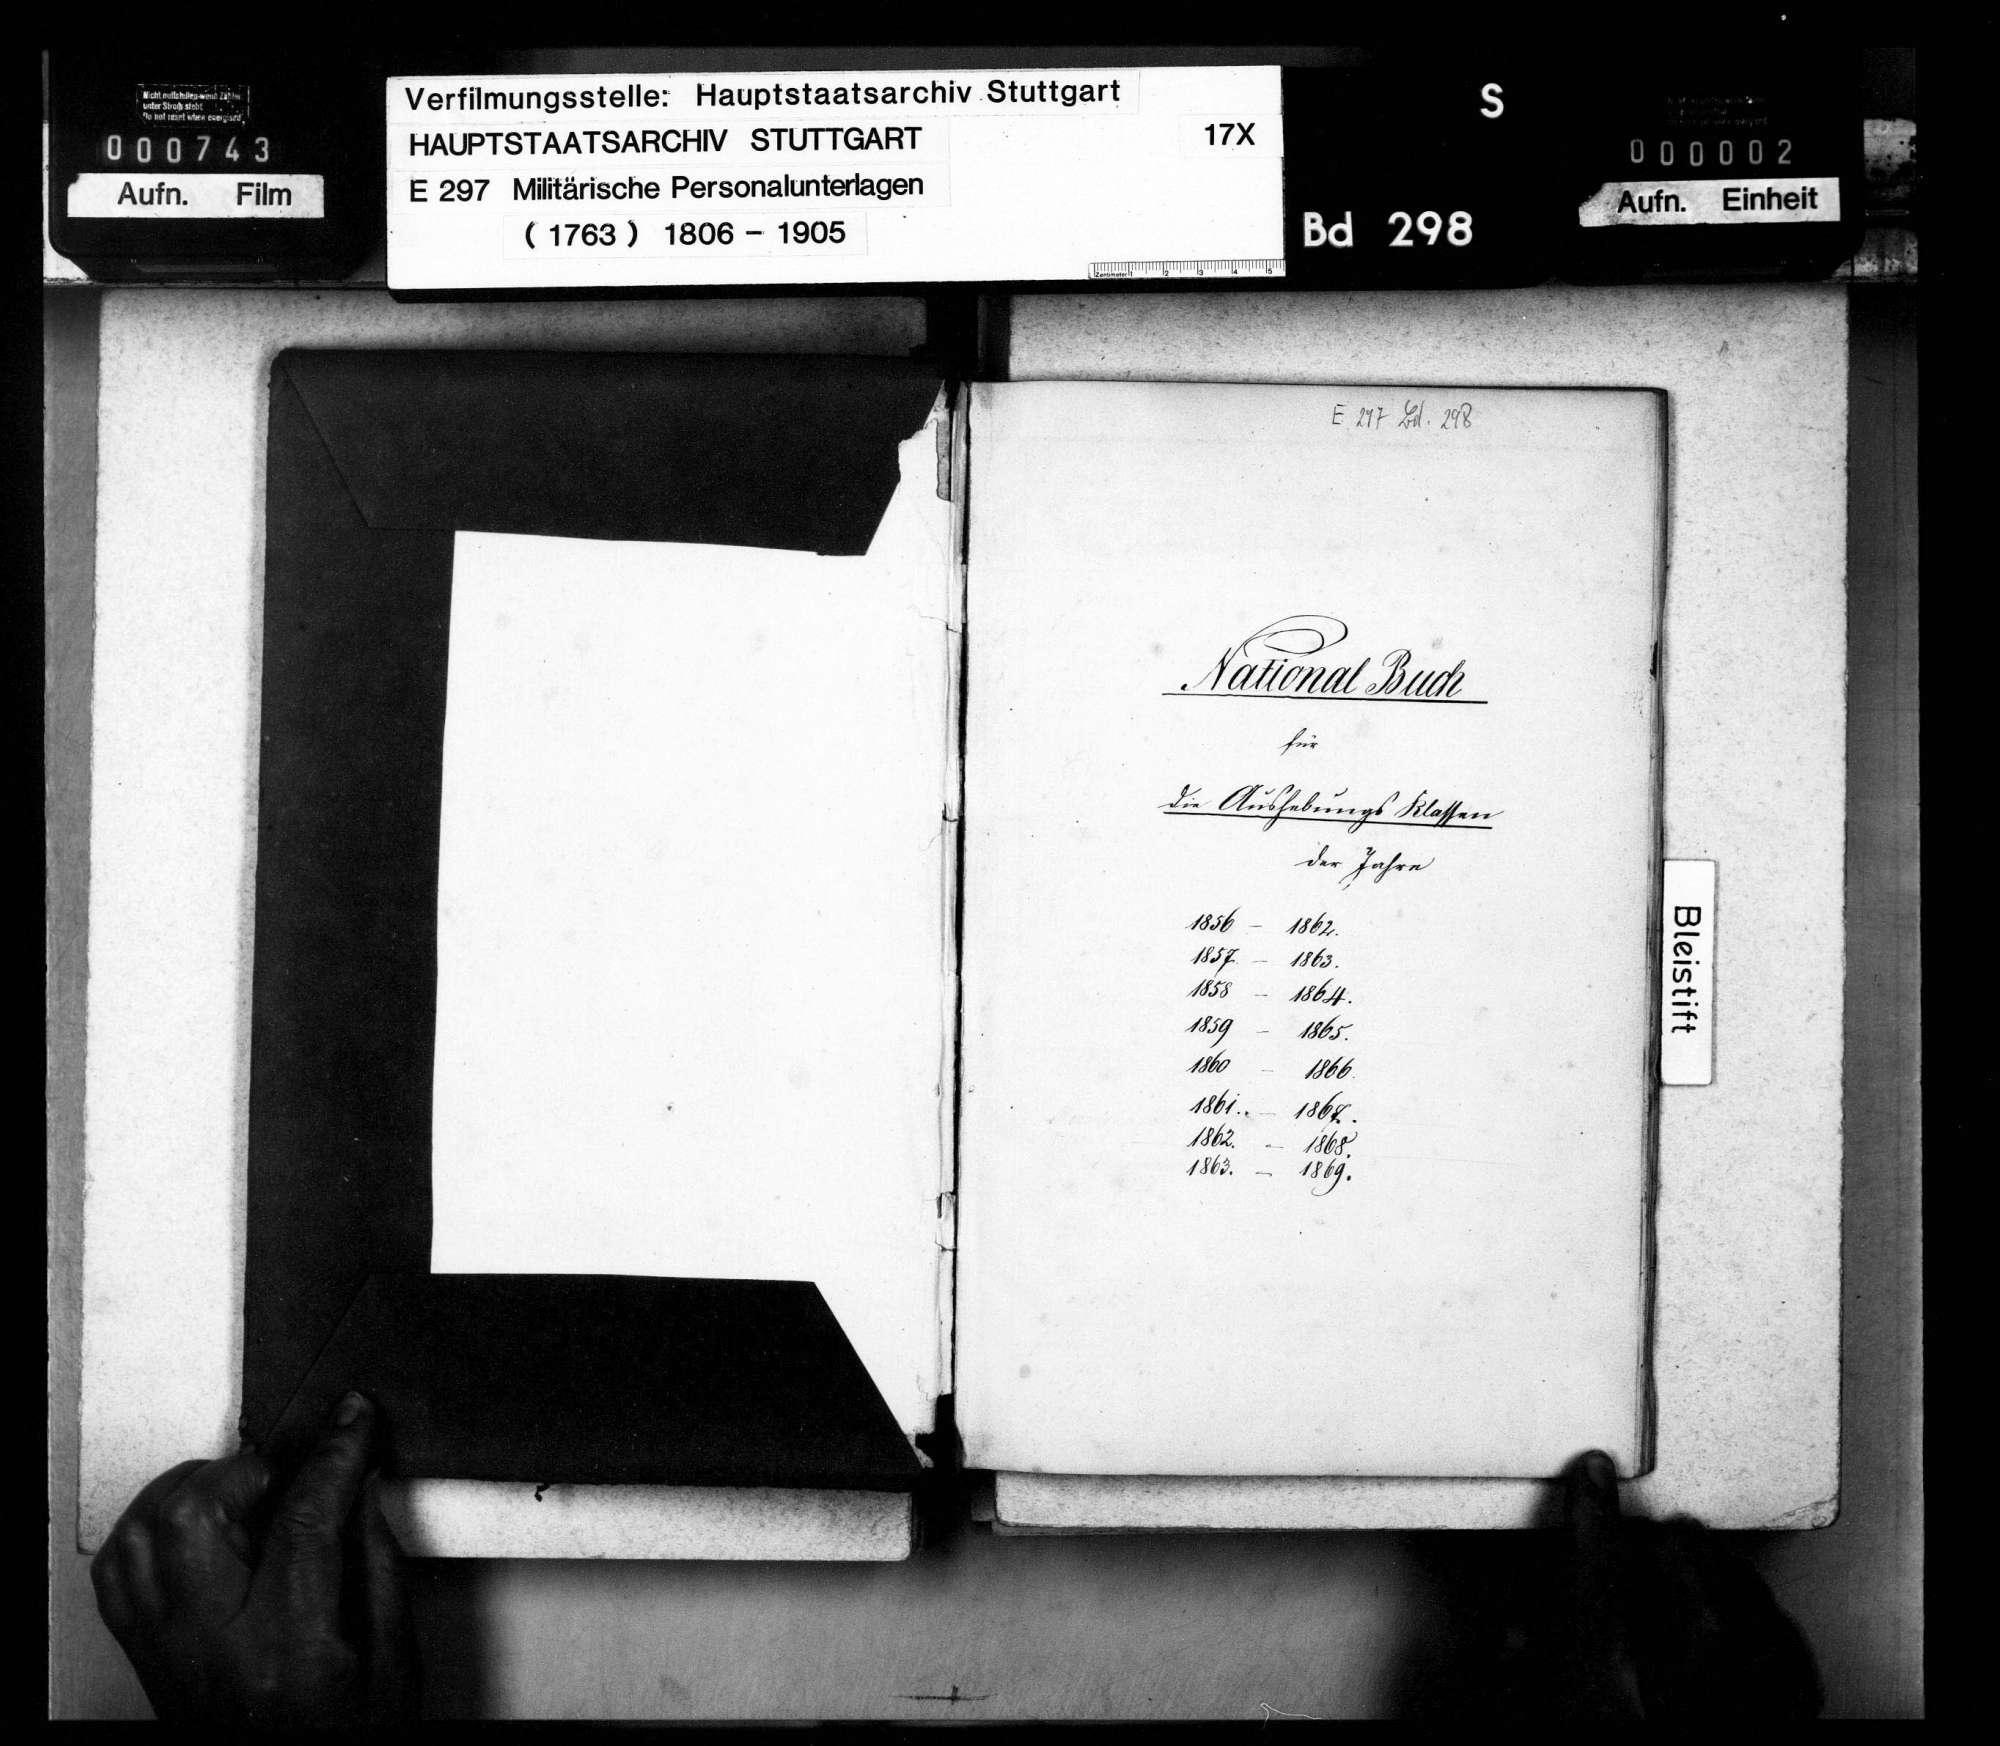 Nationalbuch der Festungsartillerie Ulm für die Aushebungsklassen der Jahre 1856 - 1863: 2. Batterie, Bild 2